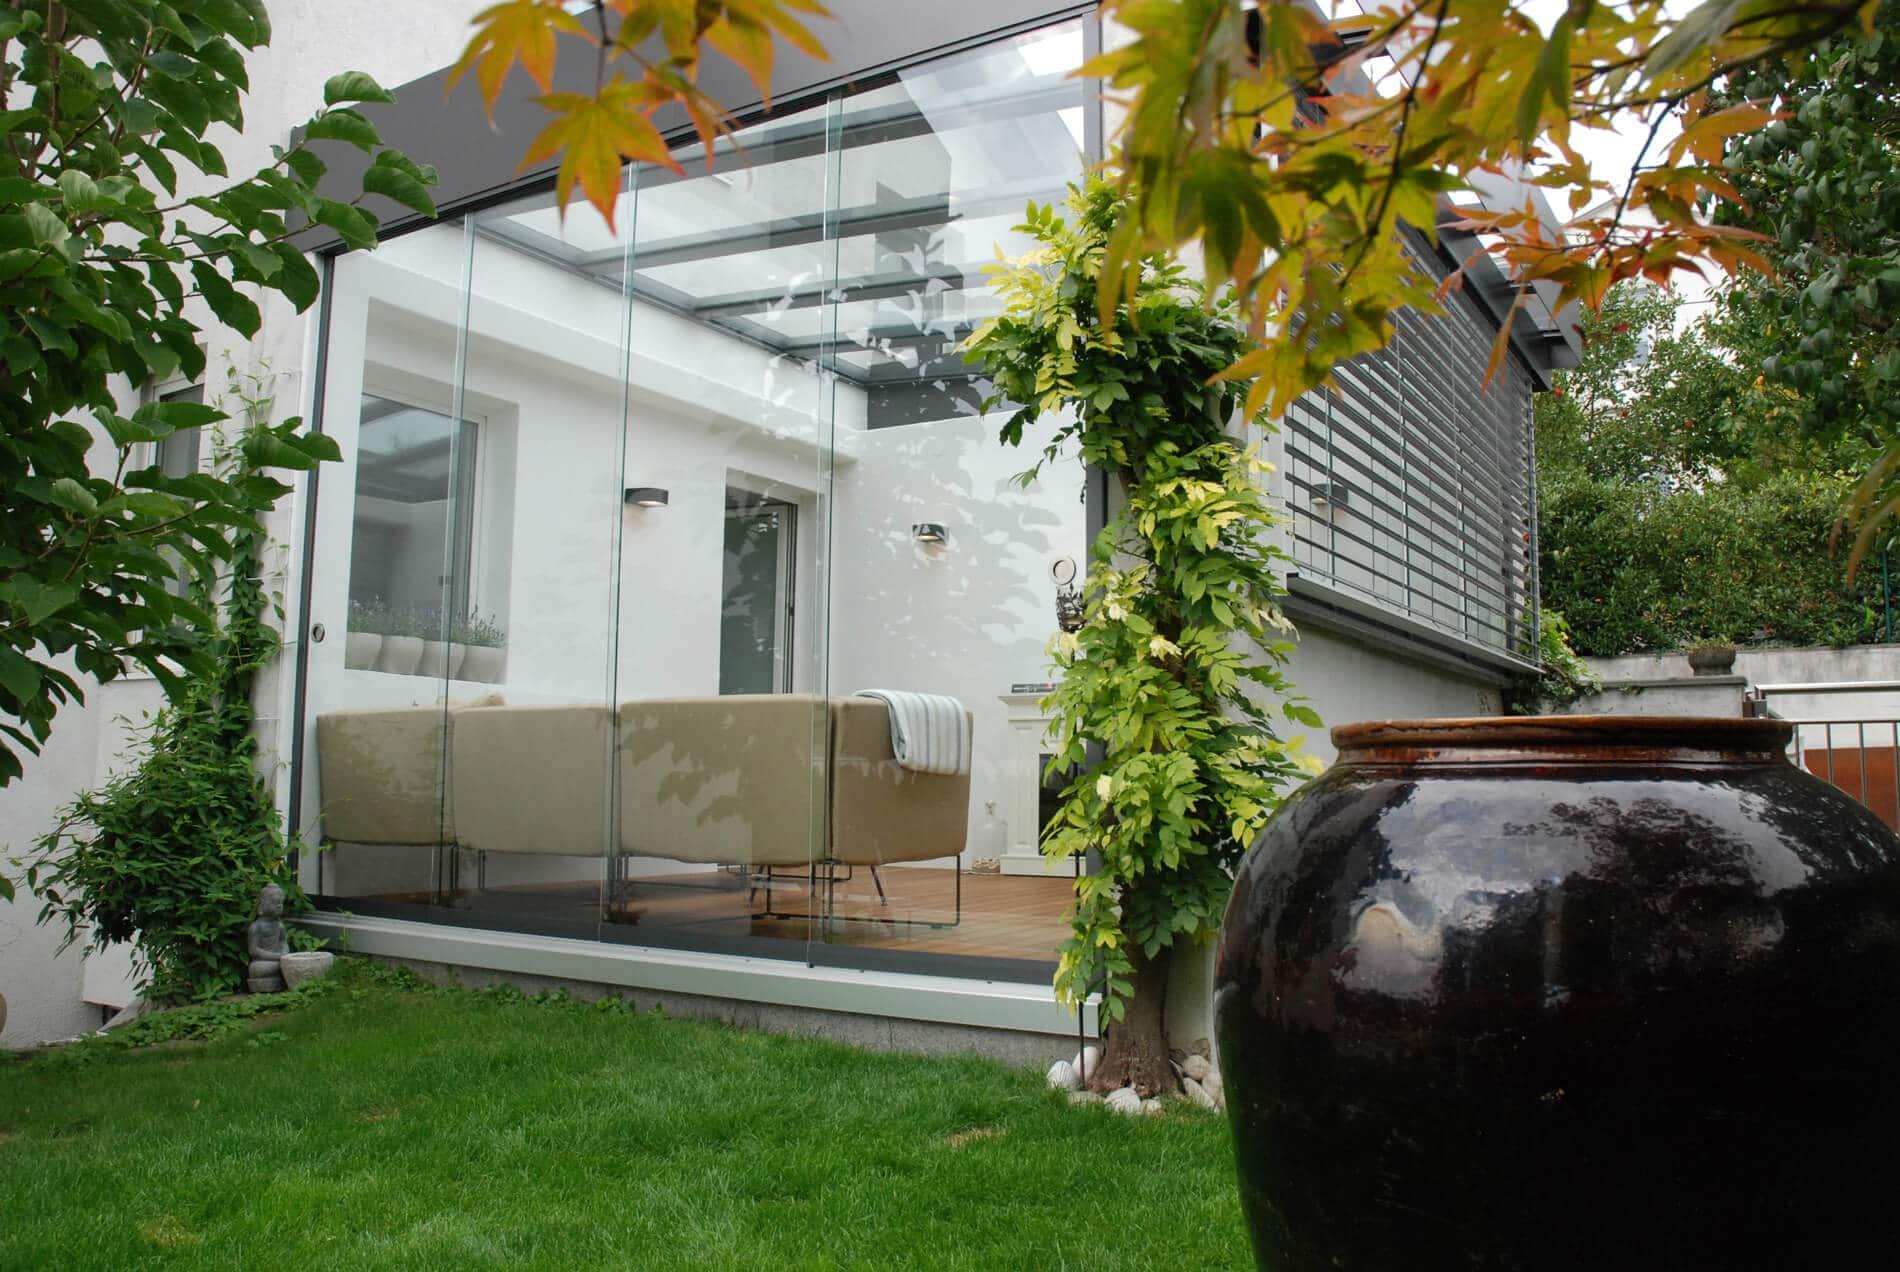 Ganzglastüren für Wintergarten